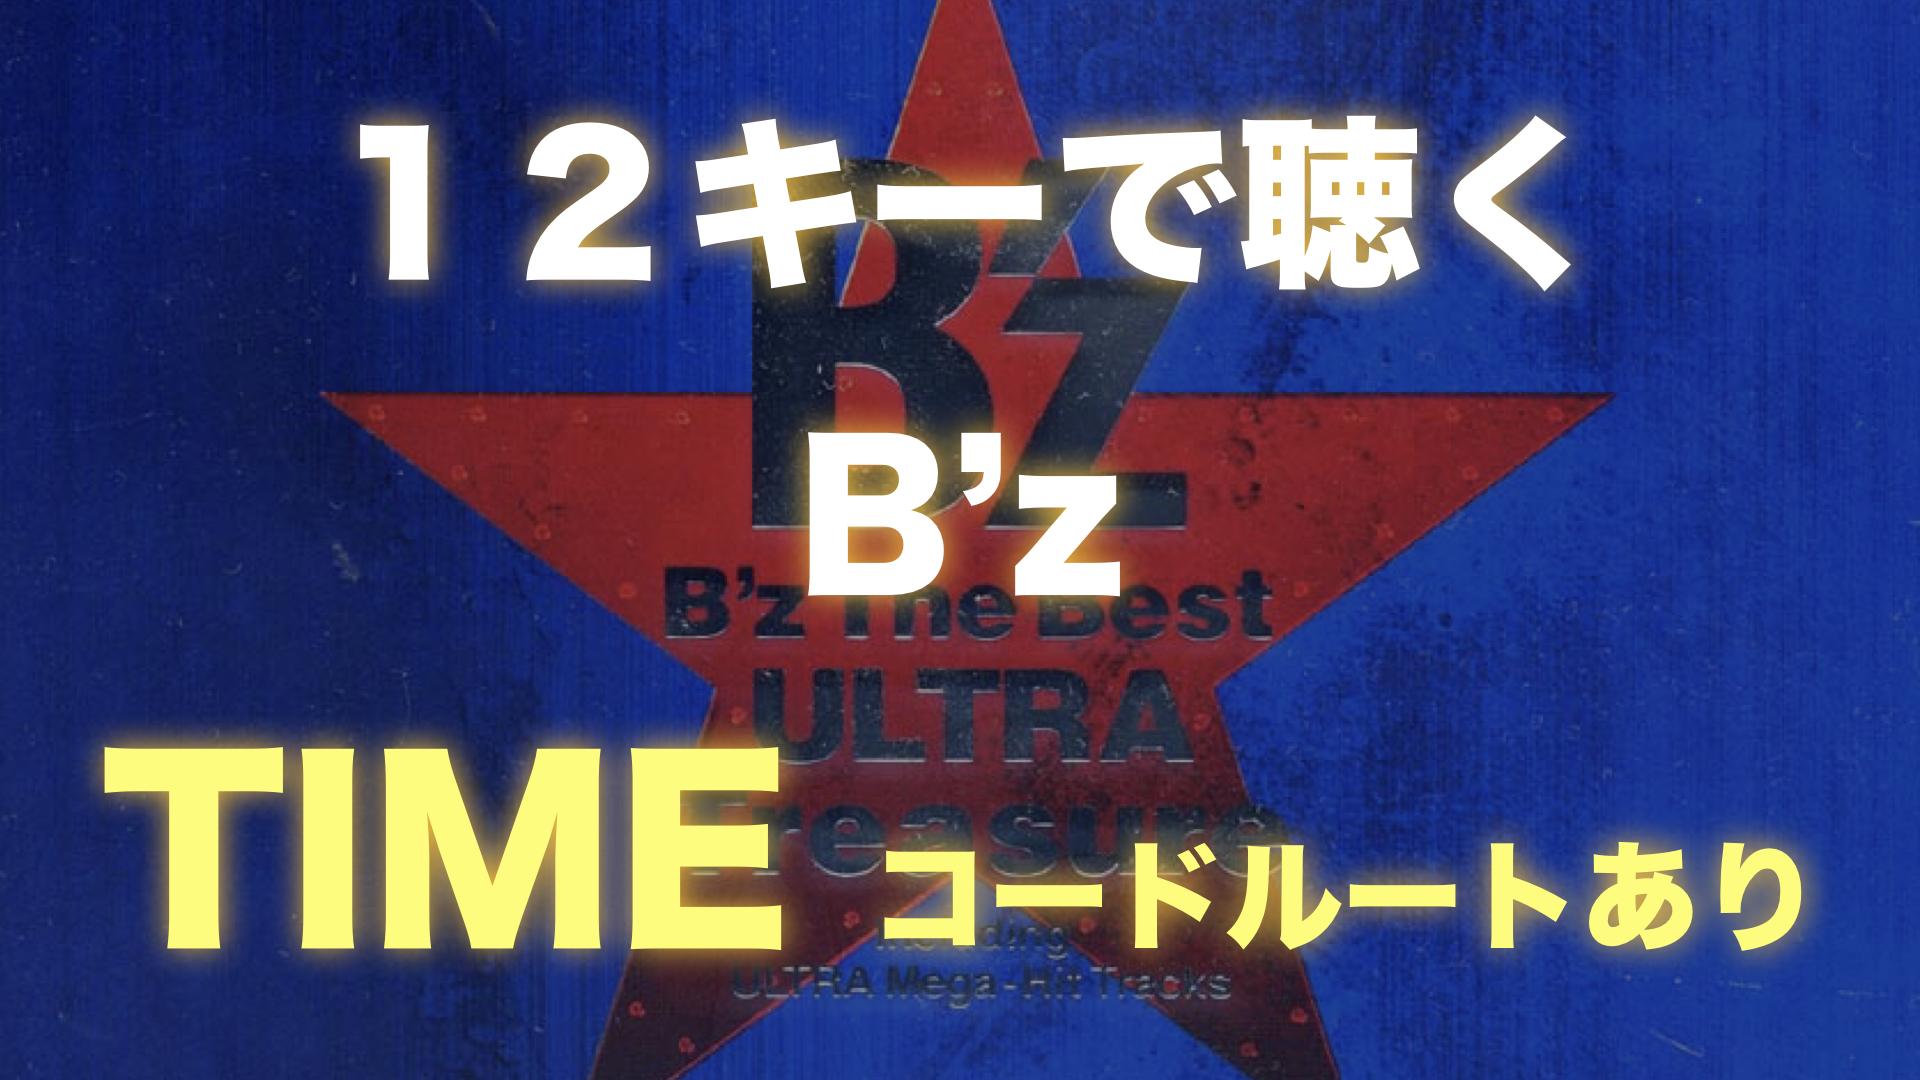 相対音感トレーニング【B'z TIME】